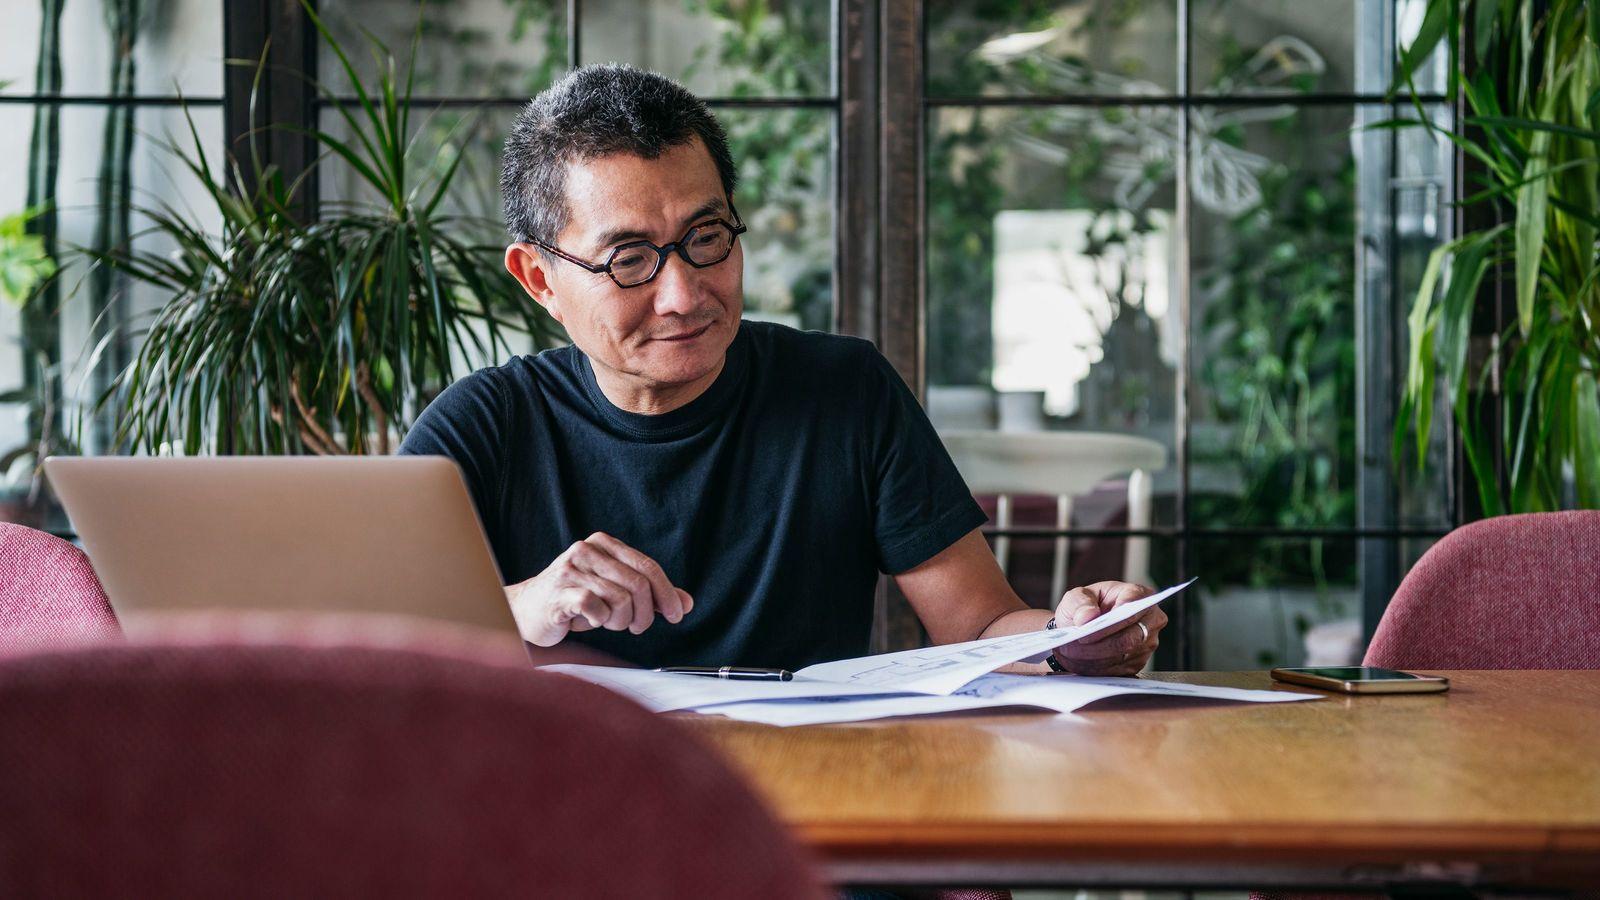 日本と海外をすぐに比較する「高学歴クソリプおじさん」の悲哀 新型コロナの閉塞感でSNSに増殖中